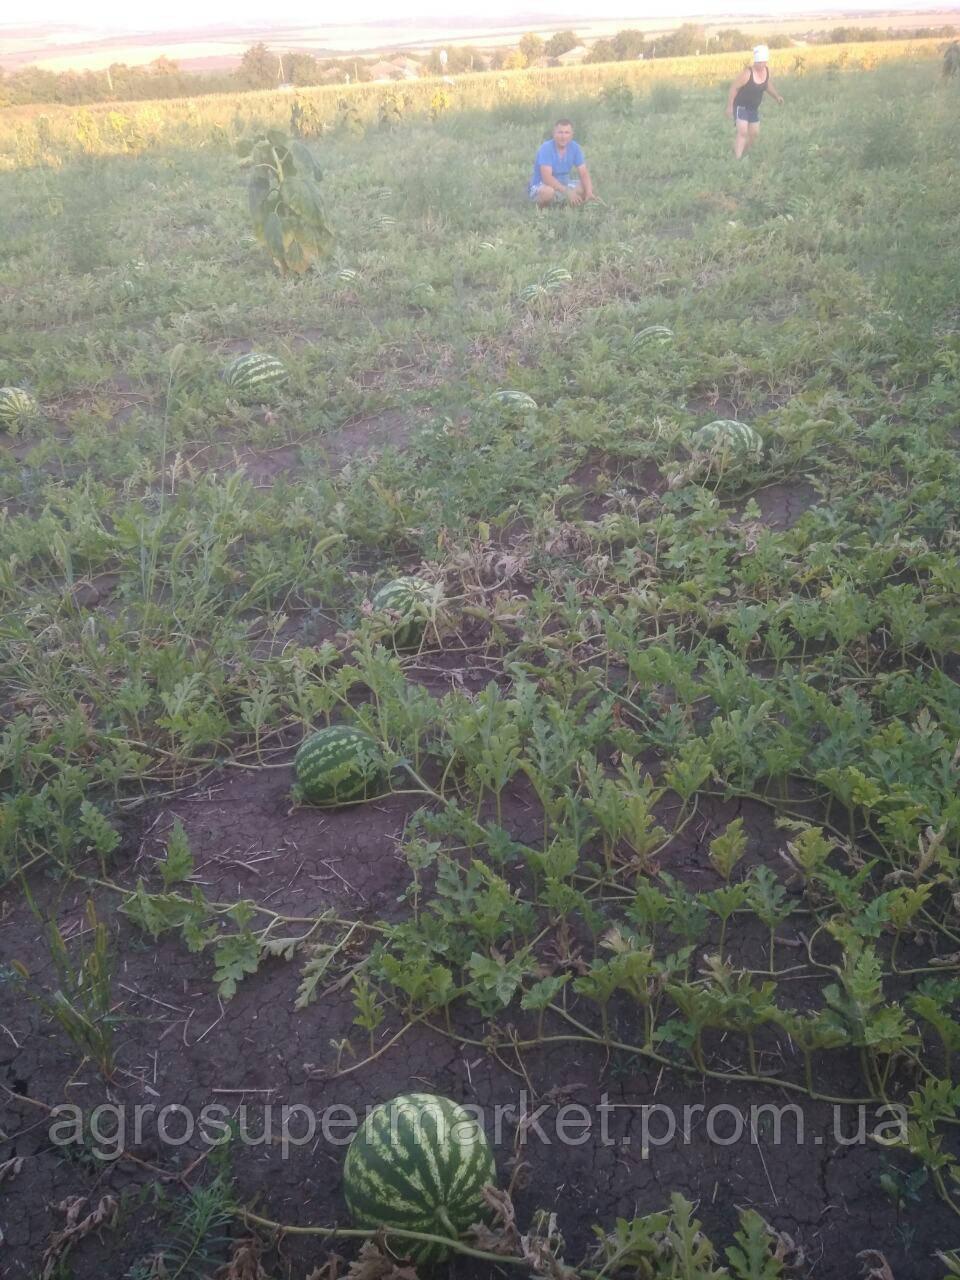 ПРОДЮСЕР/ Галактика семена арбуза банка 0.5кг (Турция Оригинал бт-сид), фото 2